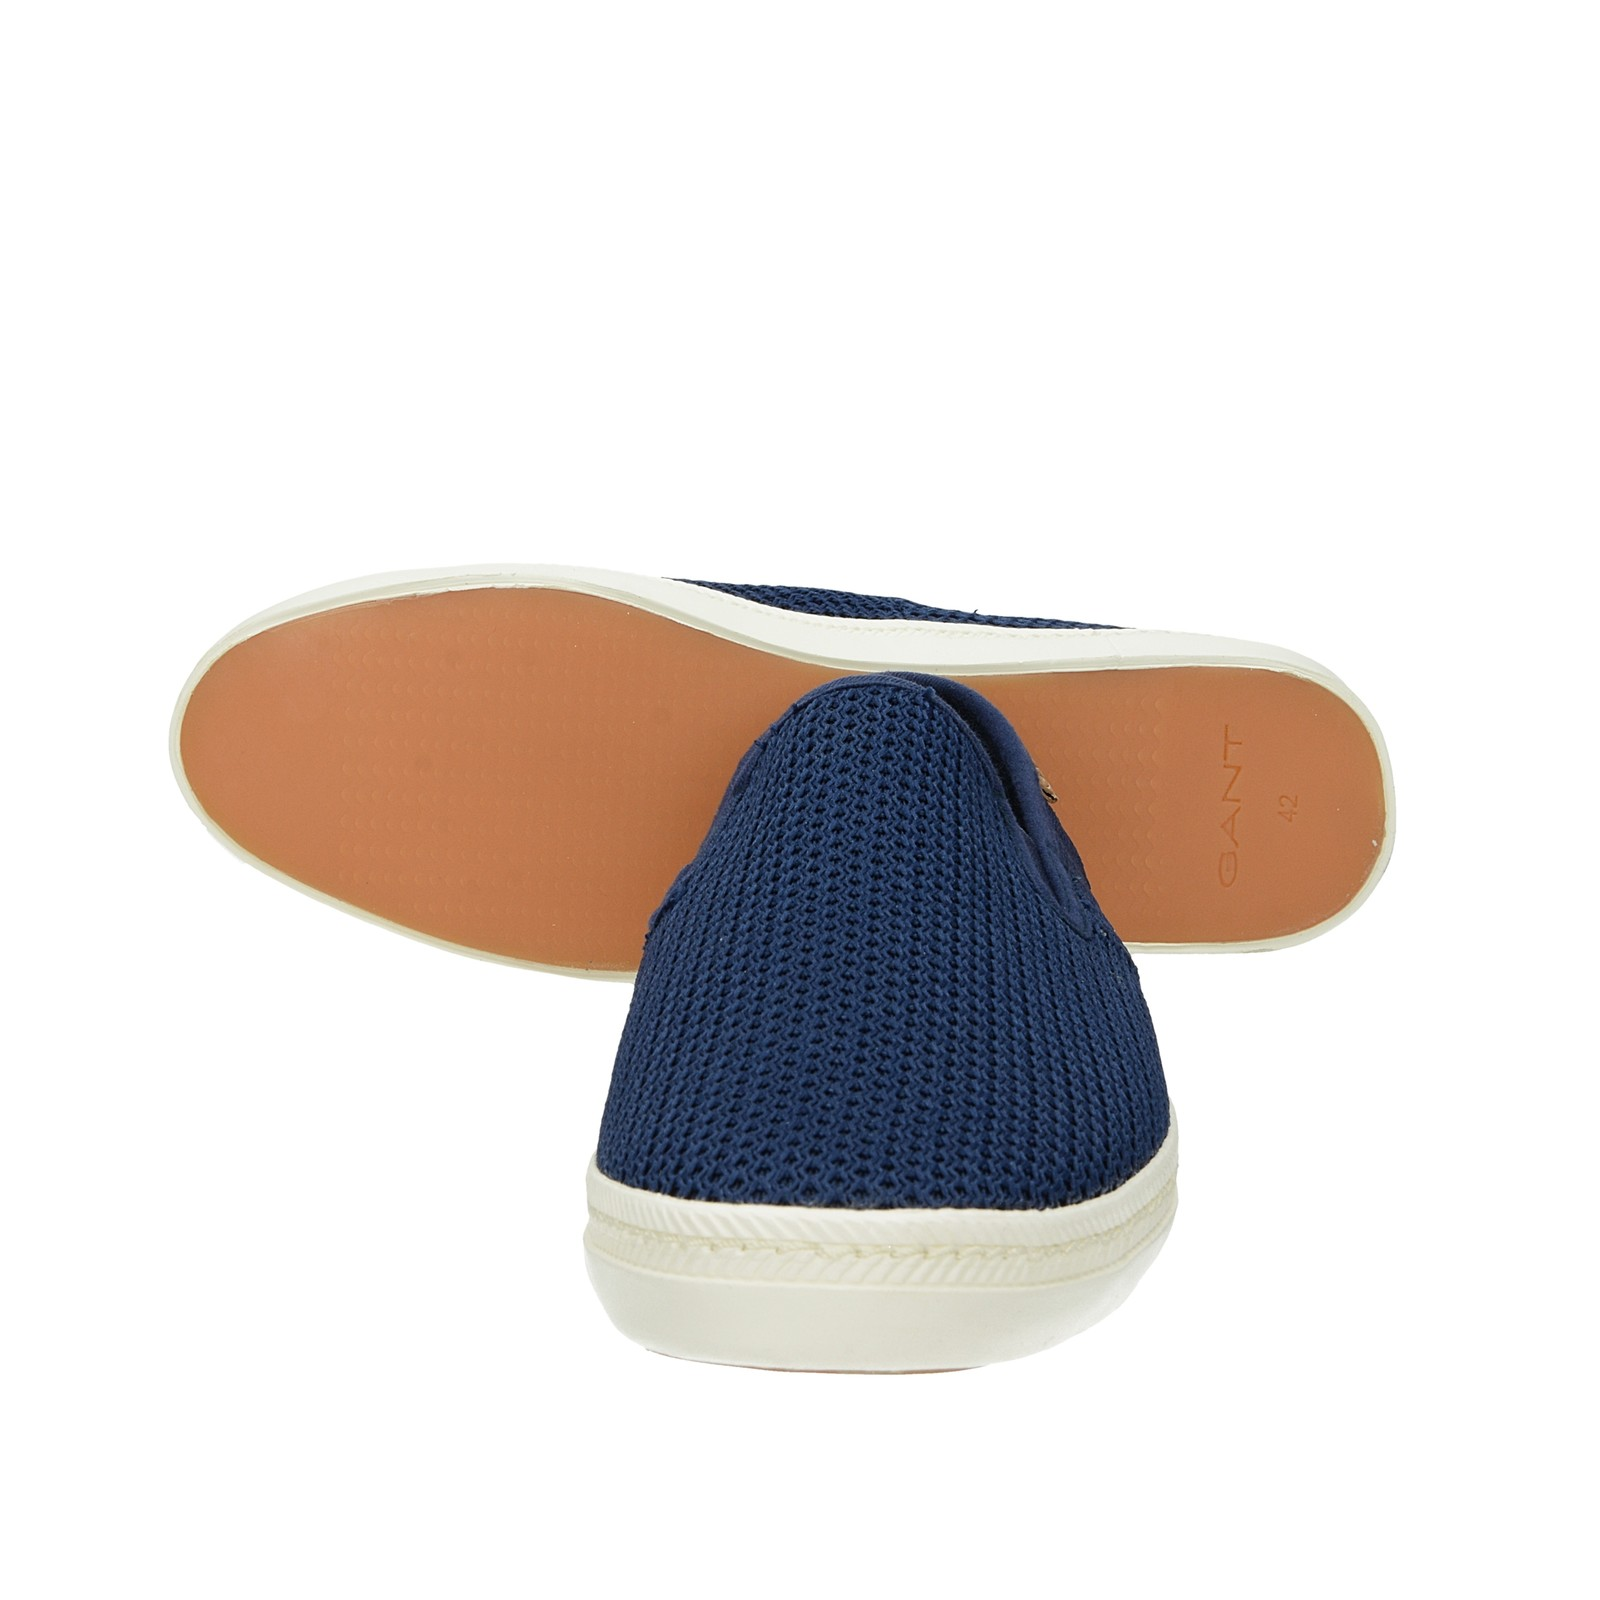 Gant pánské pohodlné slip-on tenisky - tmavomodré